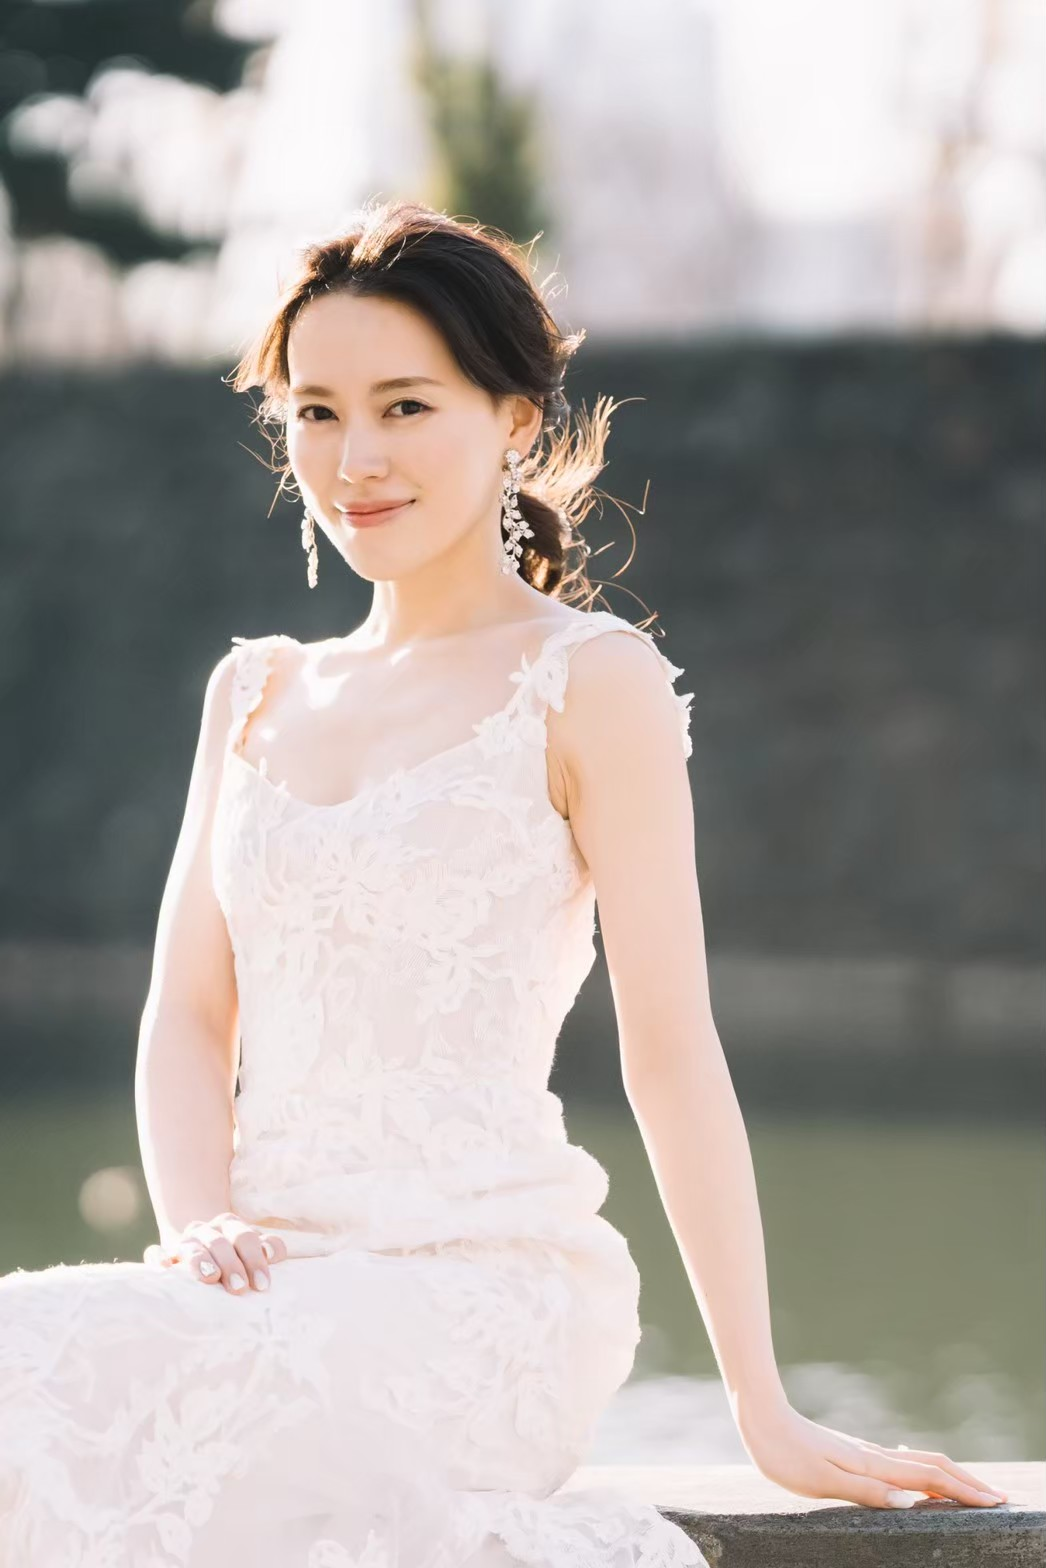 モニークルイリエのレースのドレスは新婦様の凛としていて柔らかい、女性らしい魅力を引き立てます